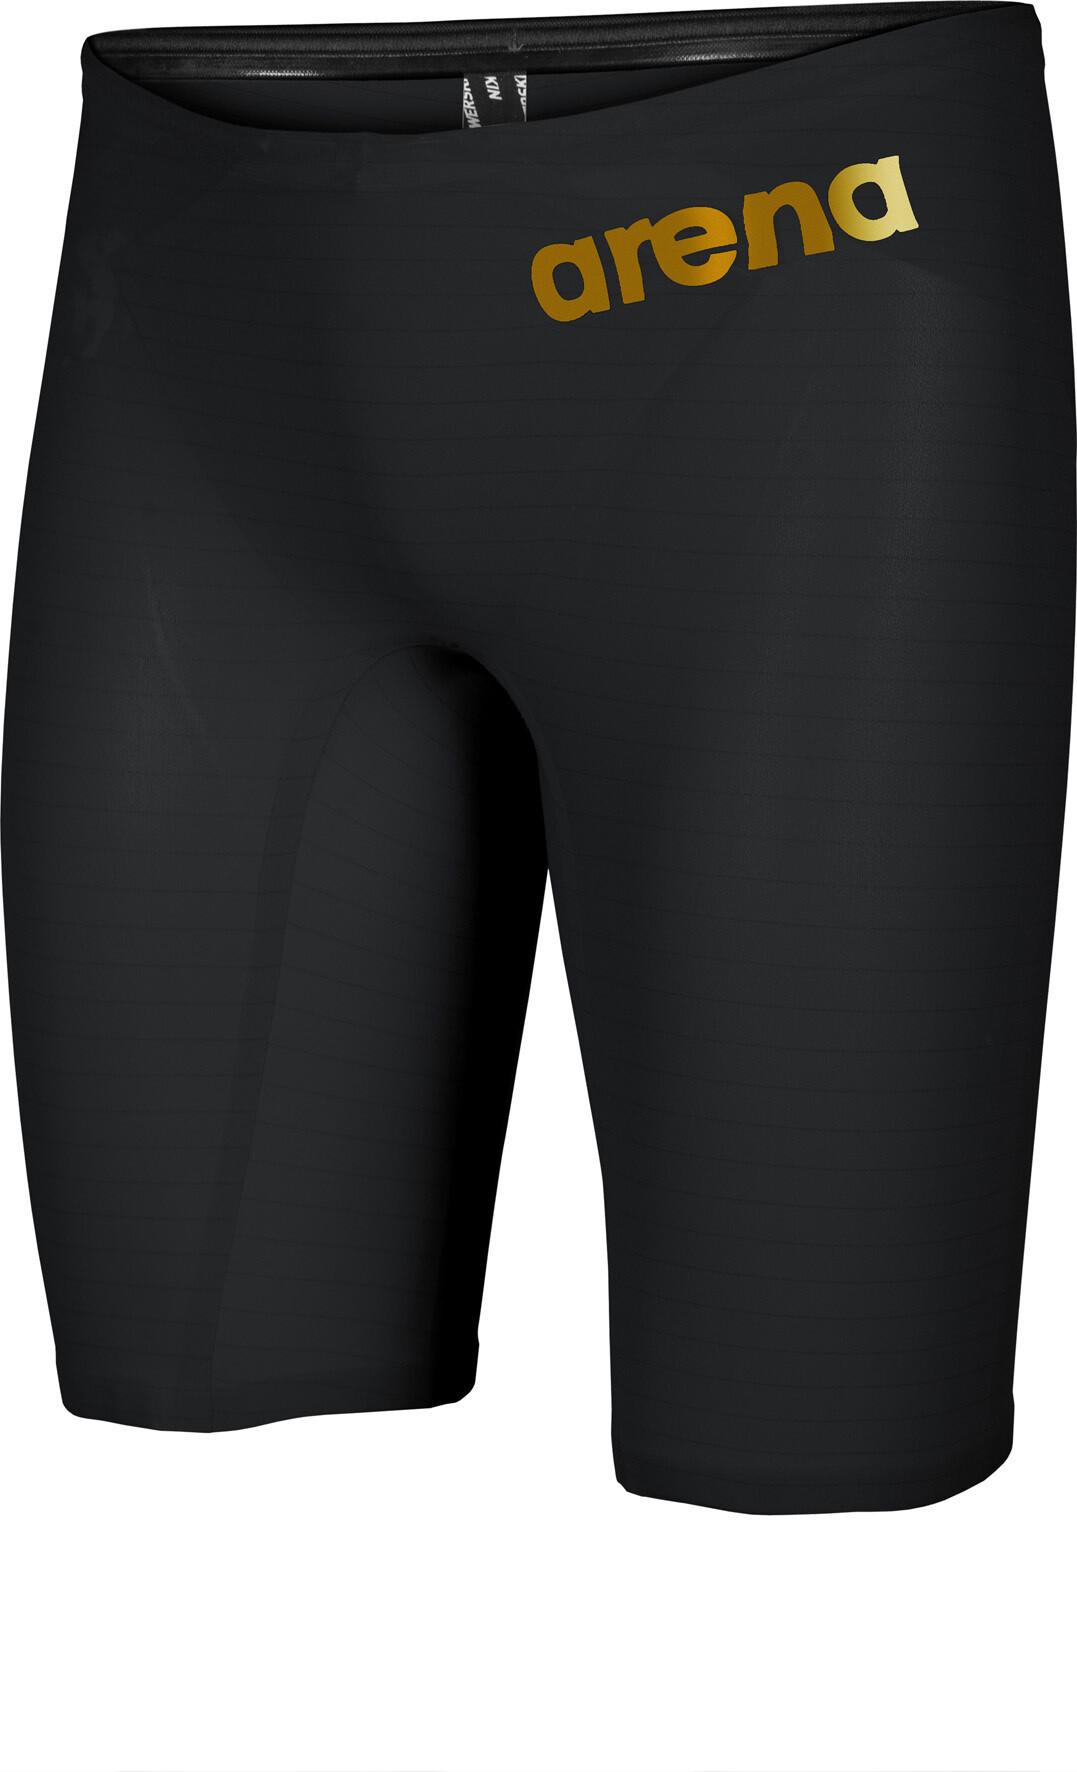 6d412e9e54ec arena Powerskin Carbon Air 2 Costume da gara jammer Uomo, black/black/gold